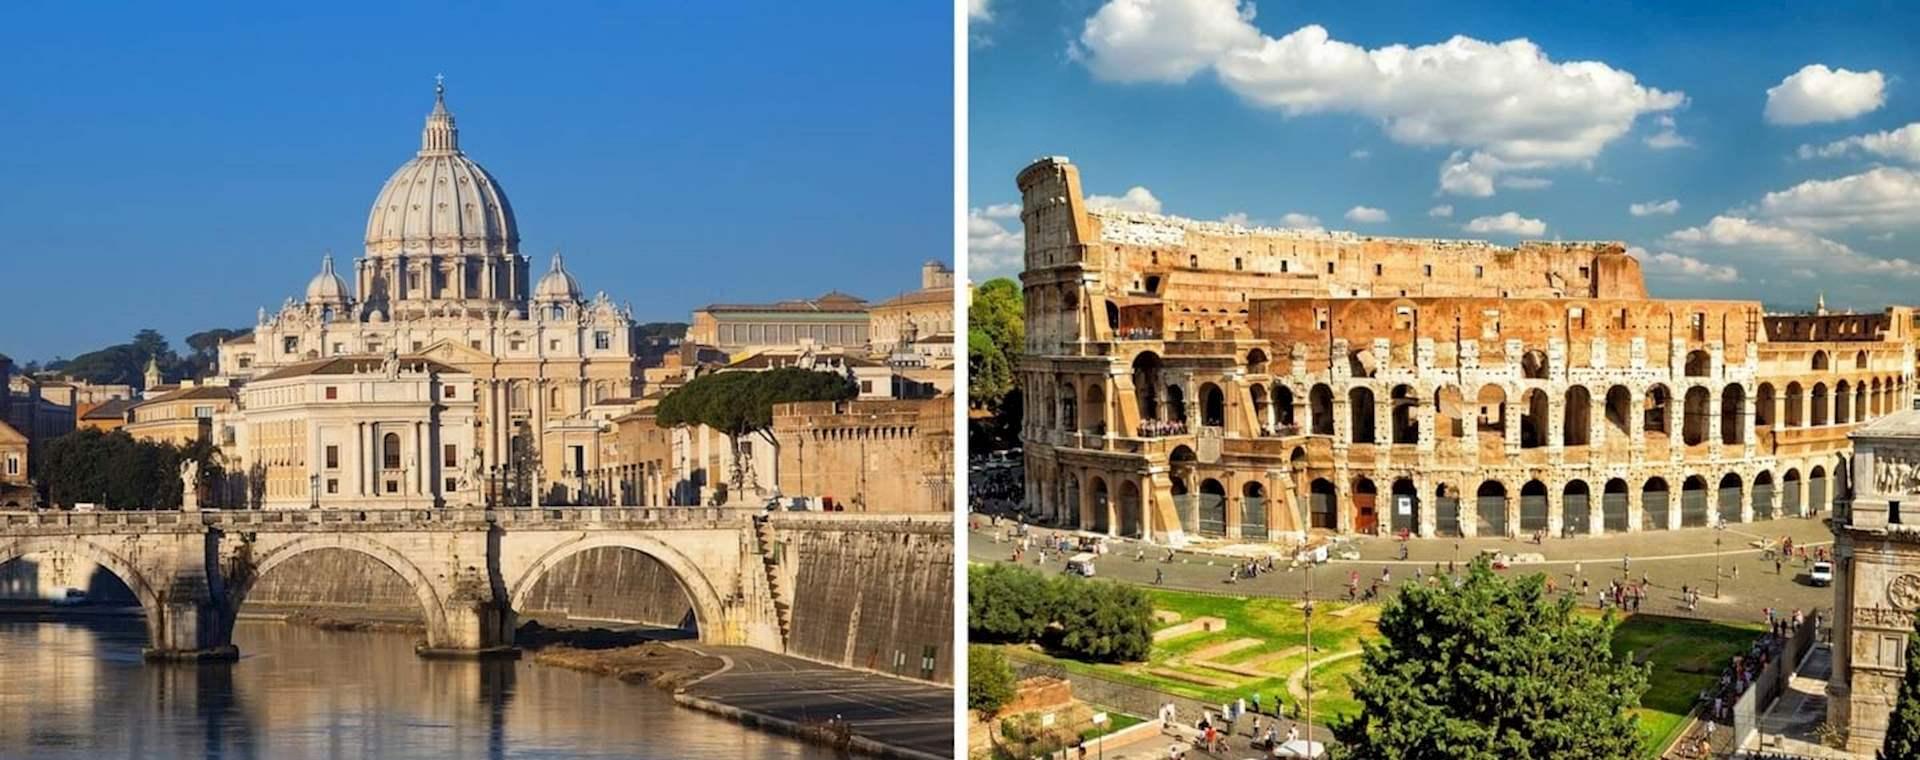 Kombi-Tagestour Vatikan und Kolosseum